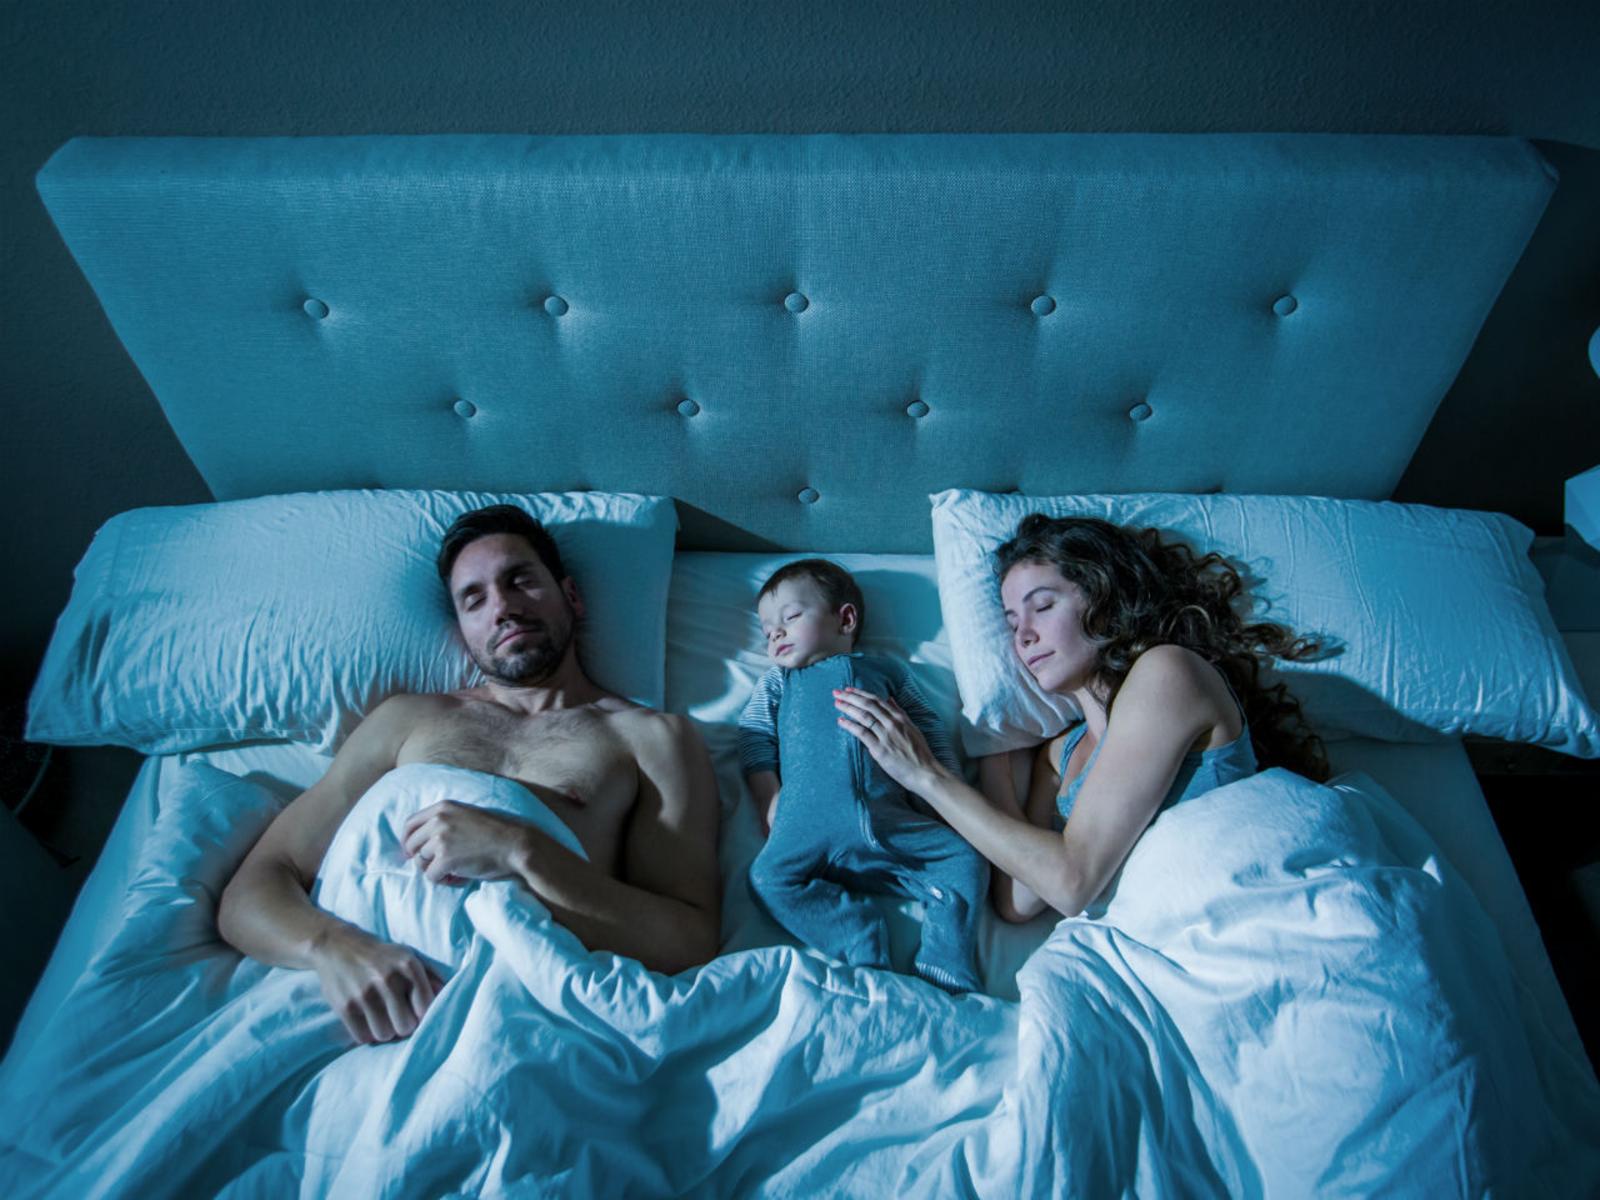 Νέοι Γονείς: Συμβουλές για να κοιμηθείτε ήσυχα